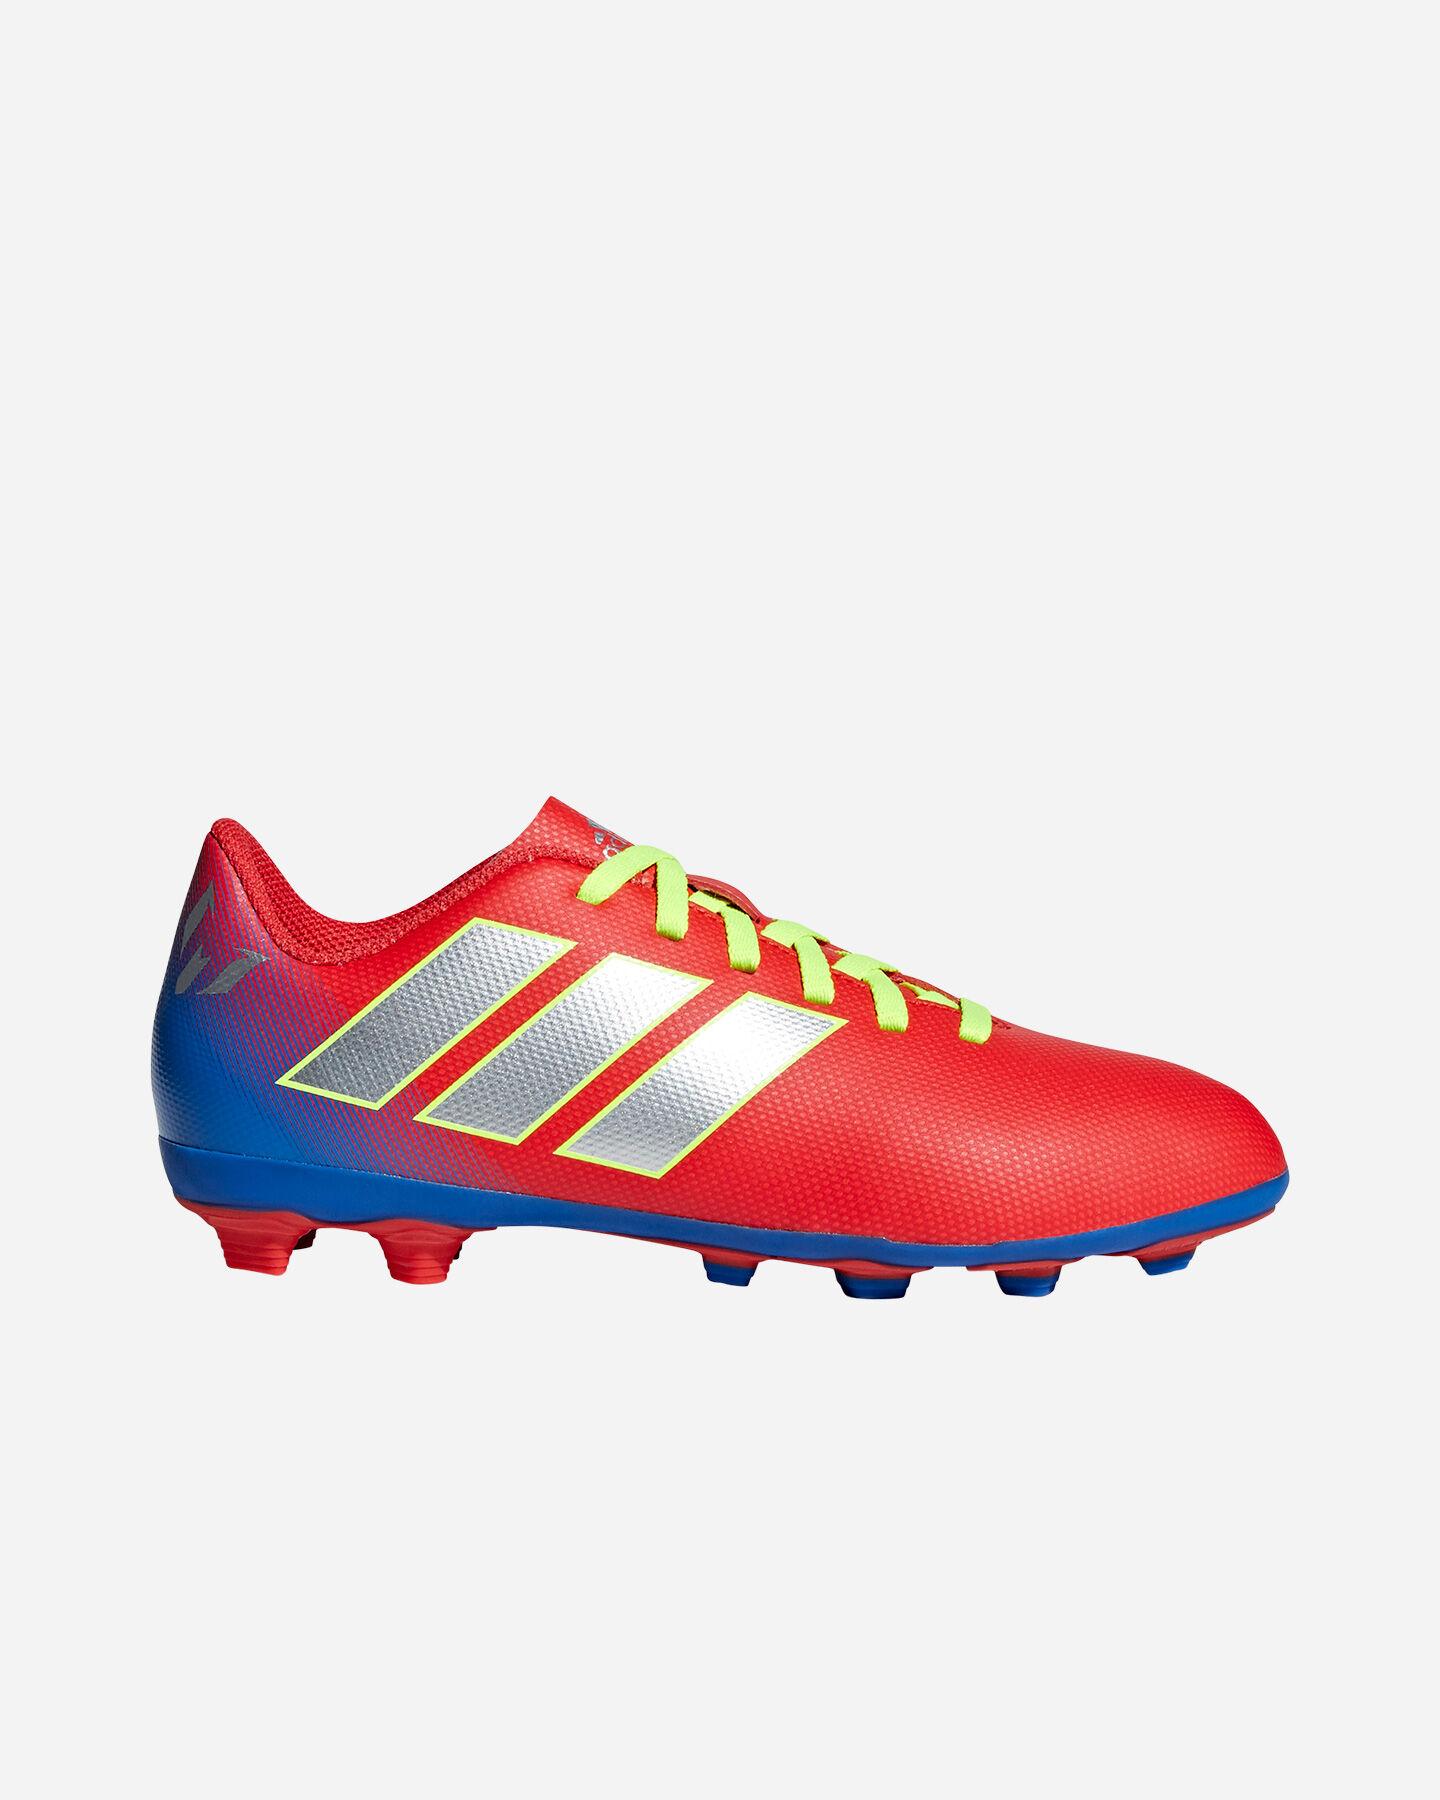 scarpe calcio adidas fxg